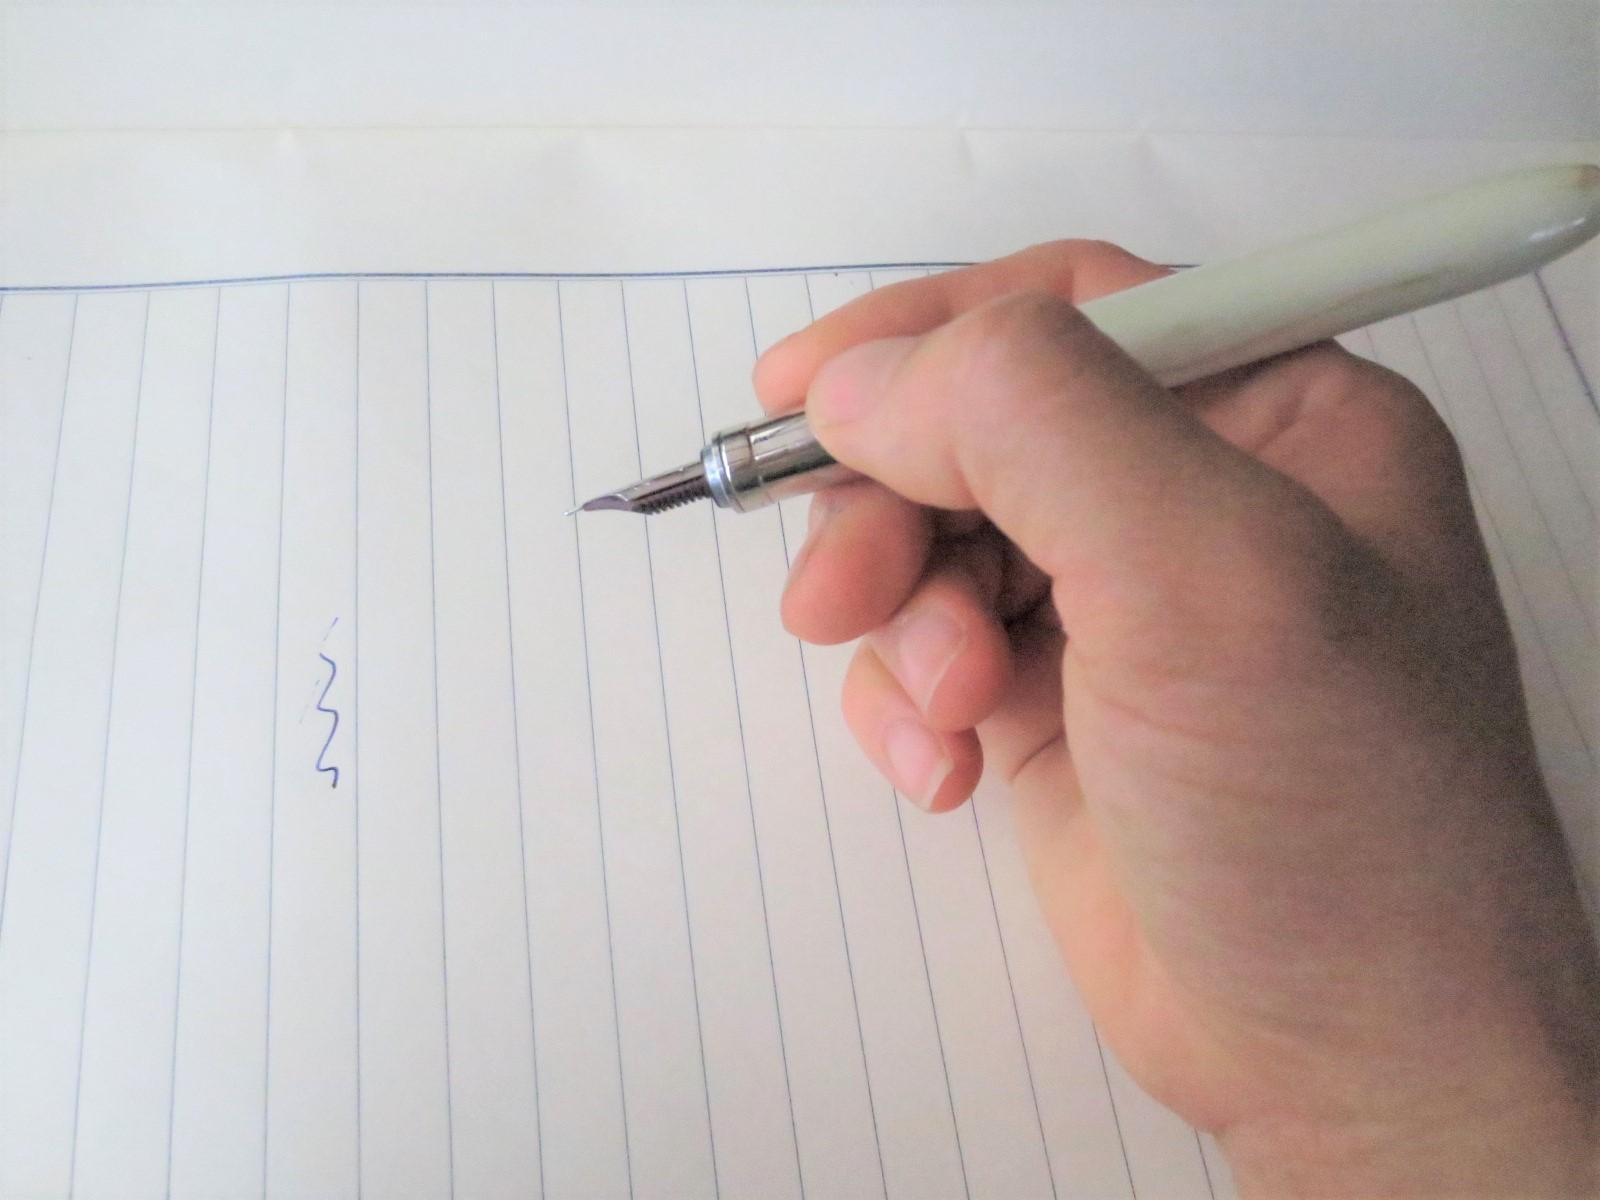 万年筆屋が教える!いつまででも書けちゃう、万年筆の持ちかた